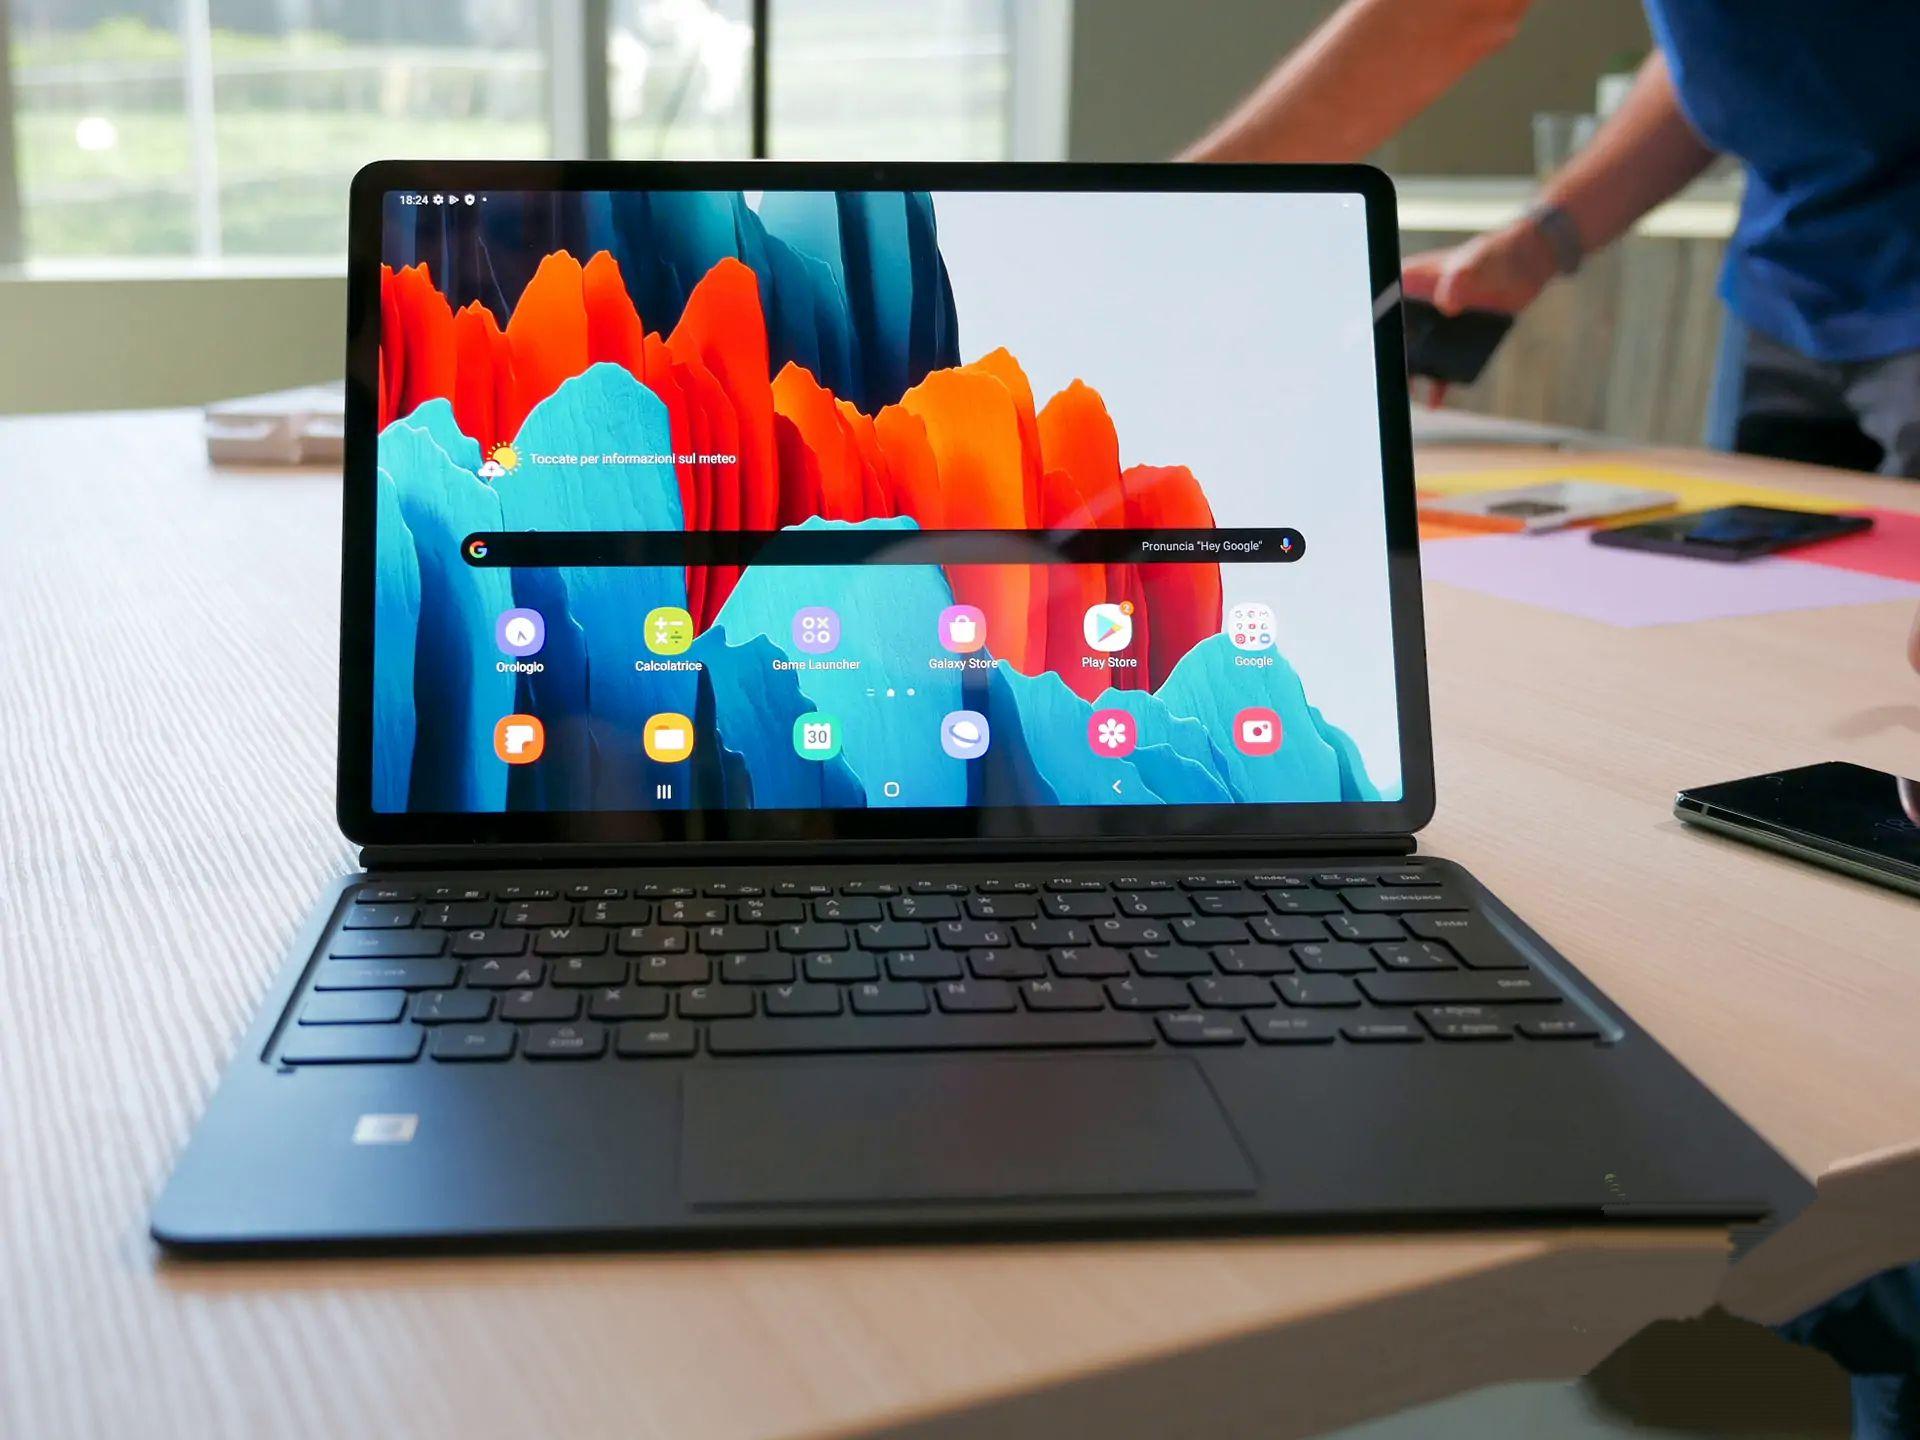 Les Tablettes Samsung Galaxy Tab S7 Et S7 Arrivent Avec Un Design Et Des Specifications Au Top En 2020 Tablette Samsung Galaxy Samsung Galaxy